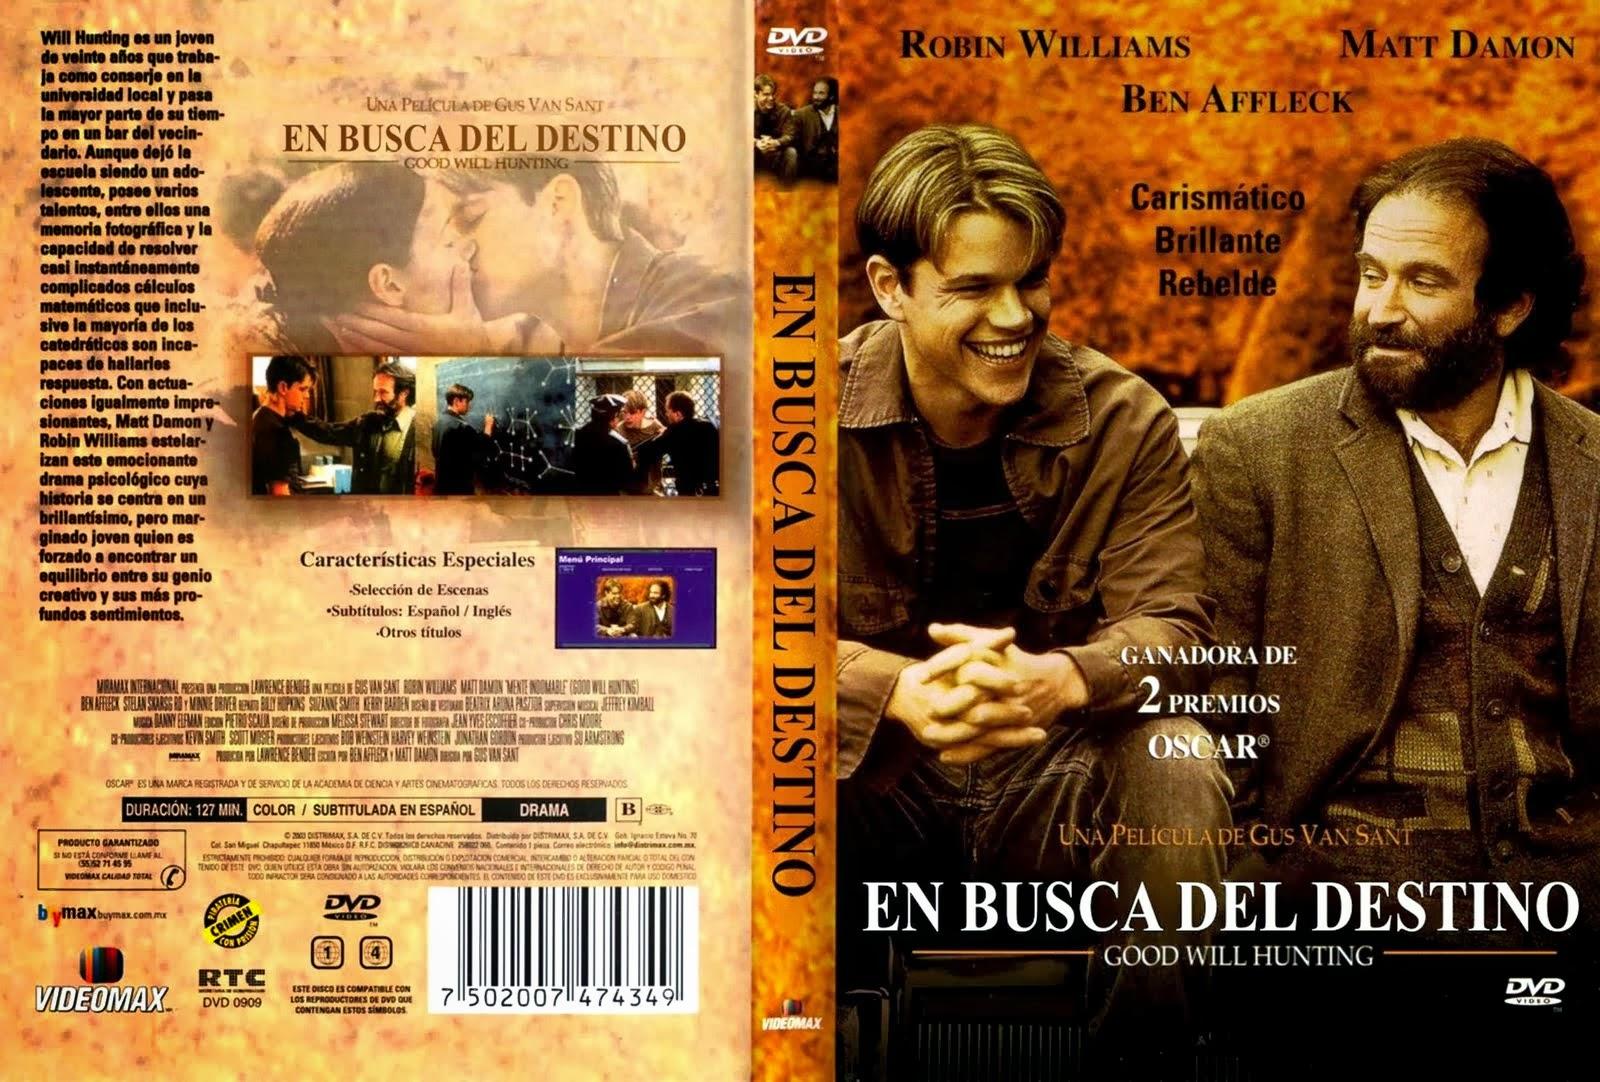 solo audio latino en busca del destino 1997 identi